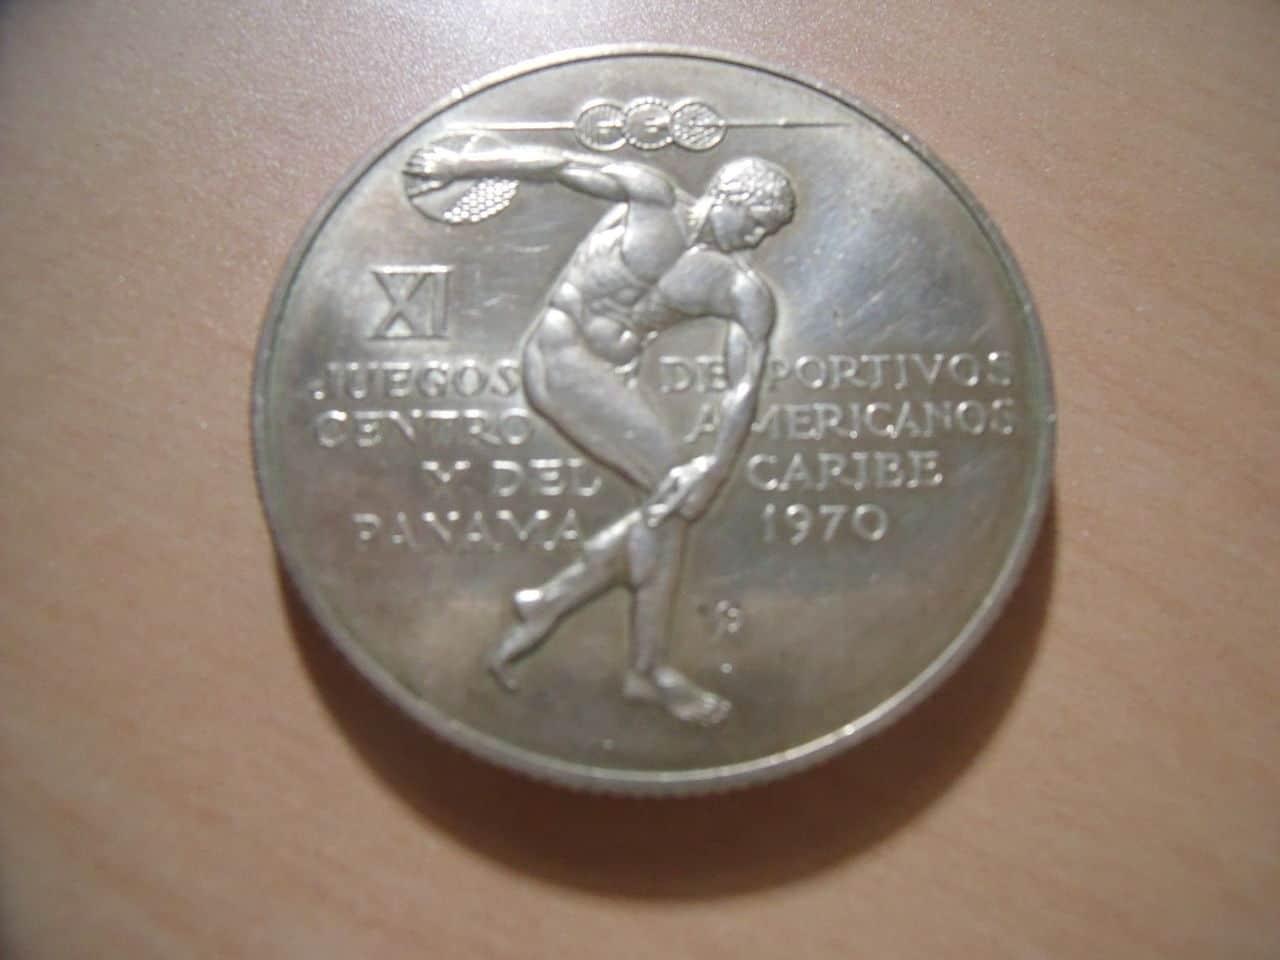 Más BALBOA Monedes_003